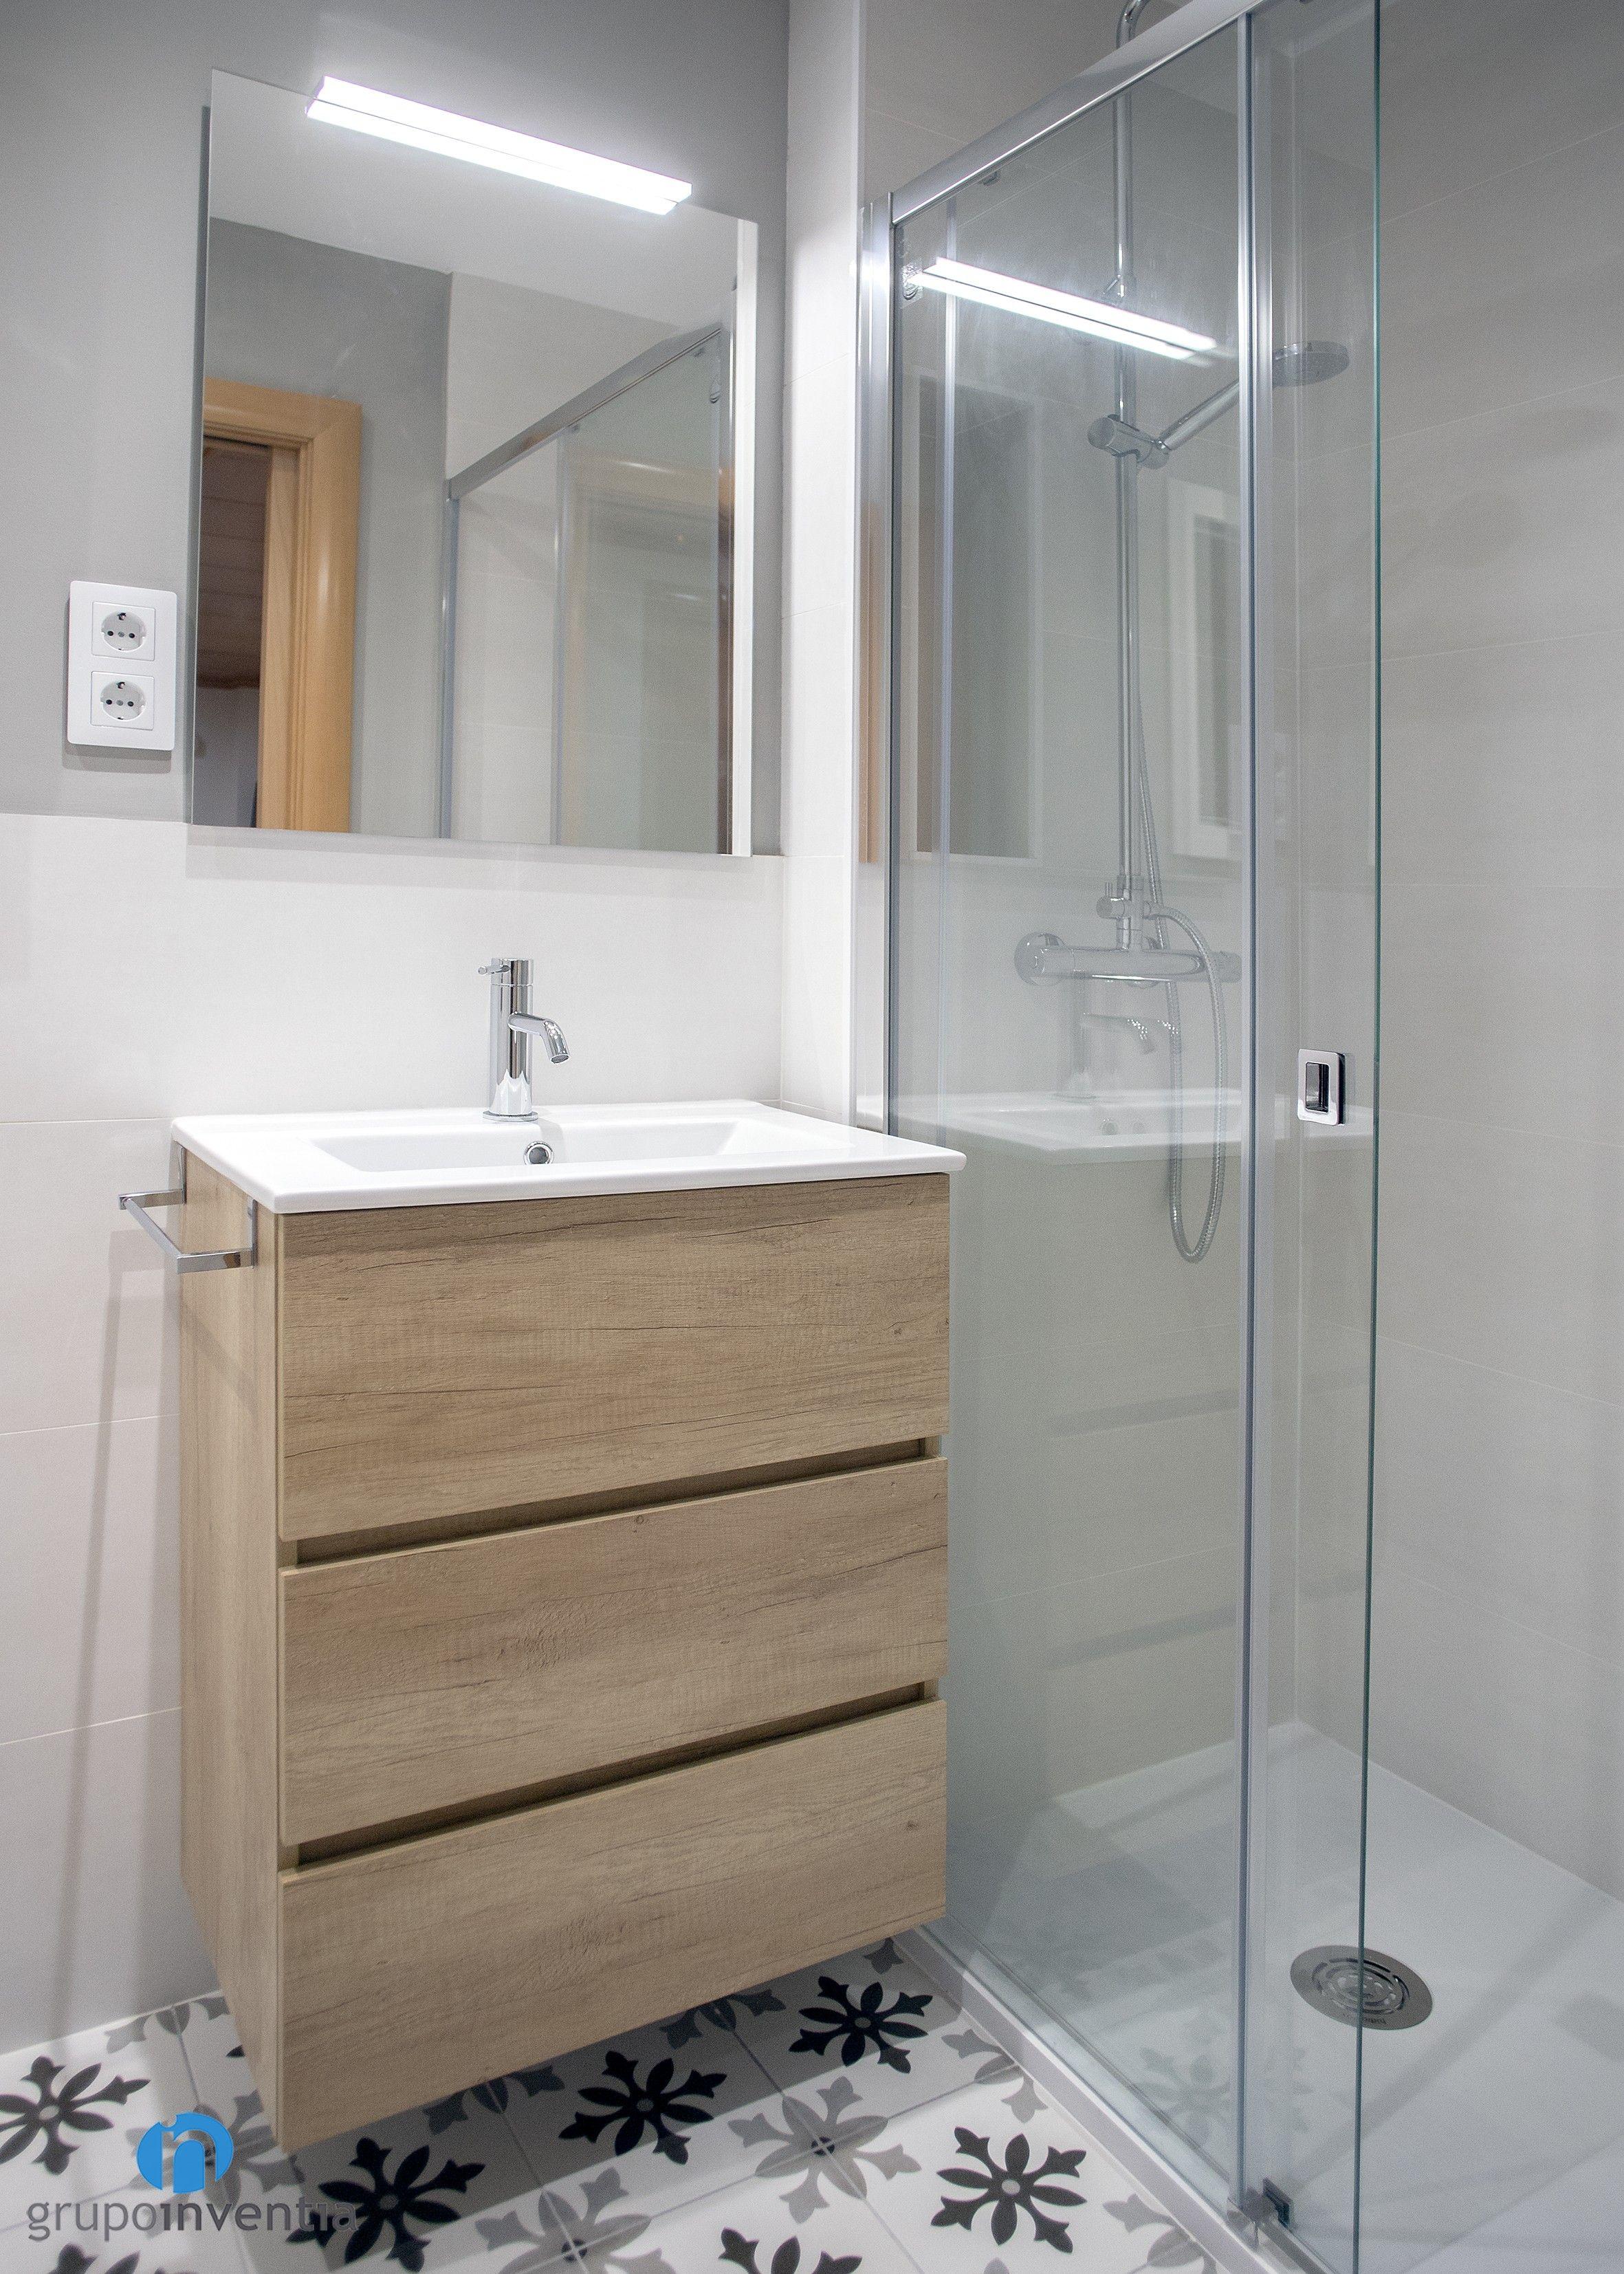 Reforma de baño   Cuarto de baño, Baños reformados, Baños